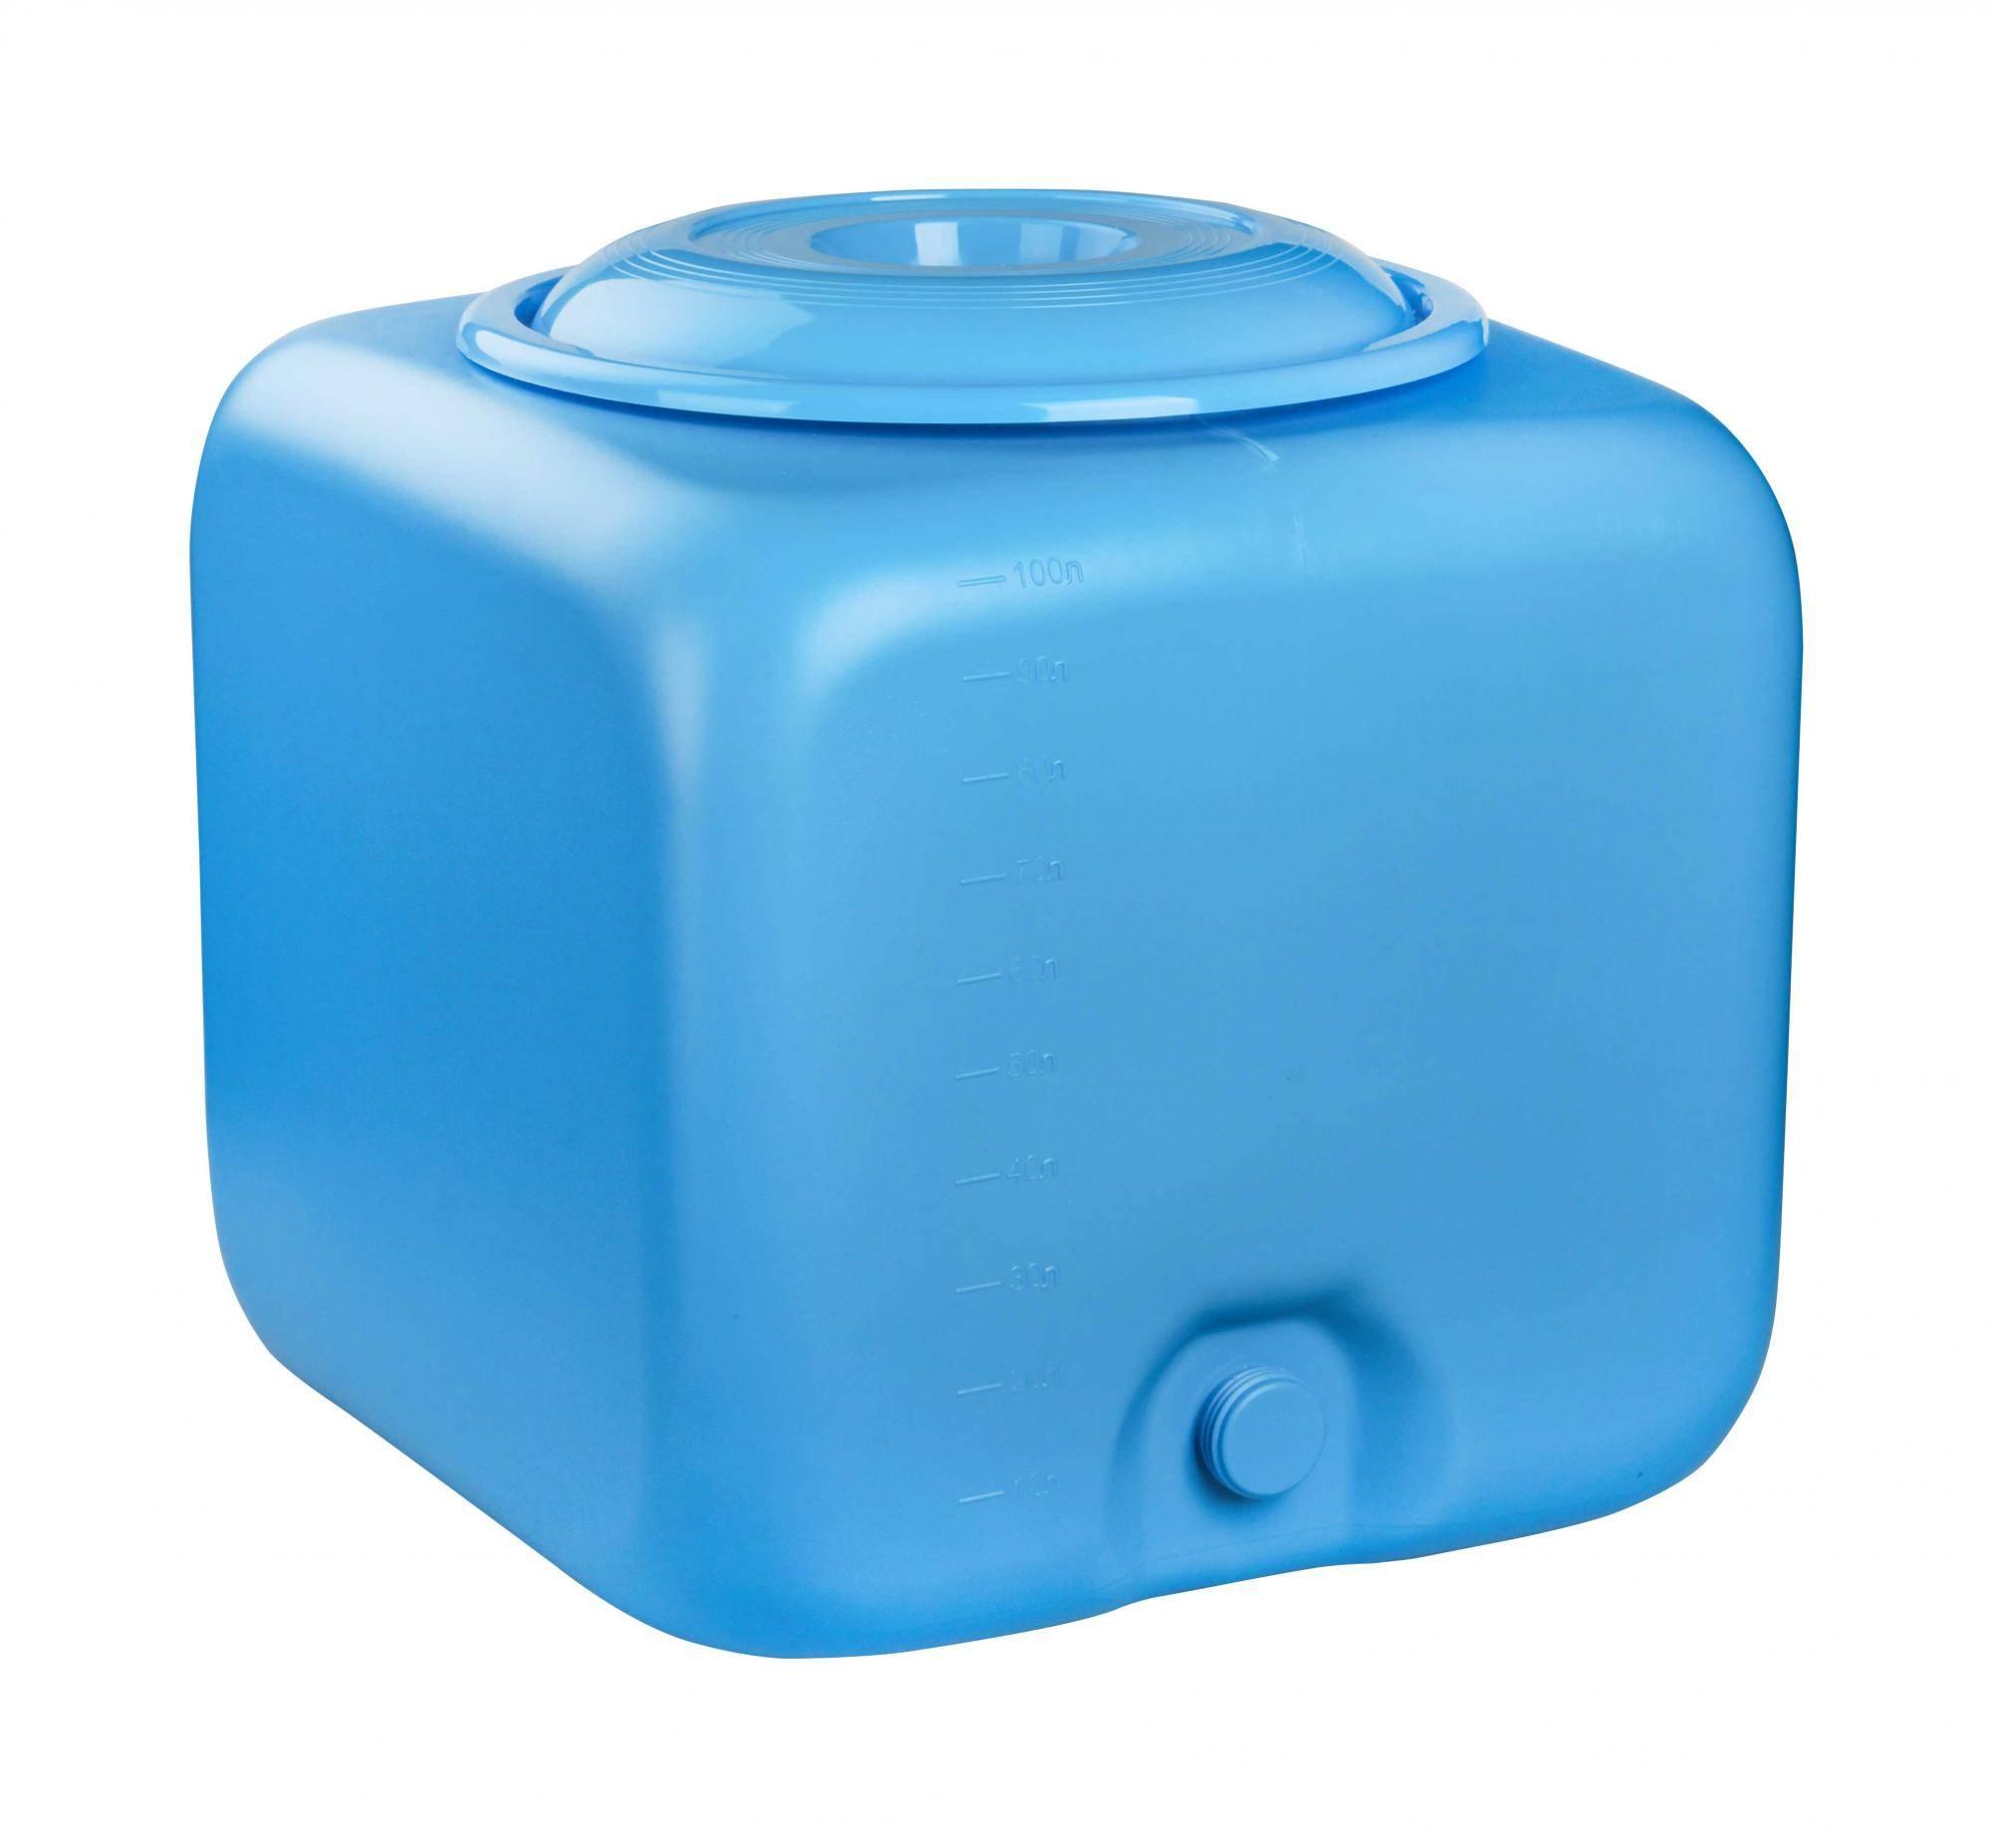 Как выбрать плоский пластиковый бак для душа с подогревом